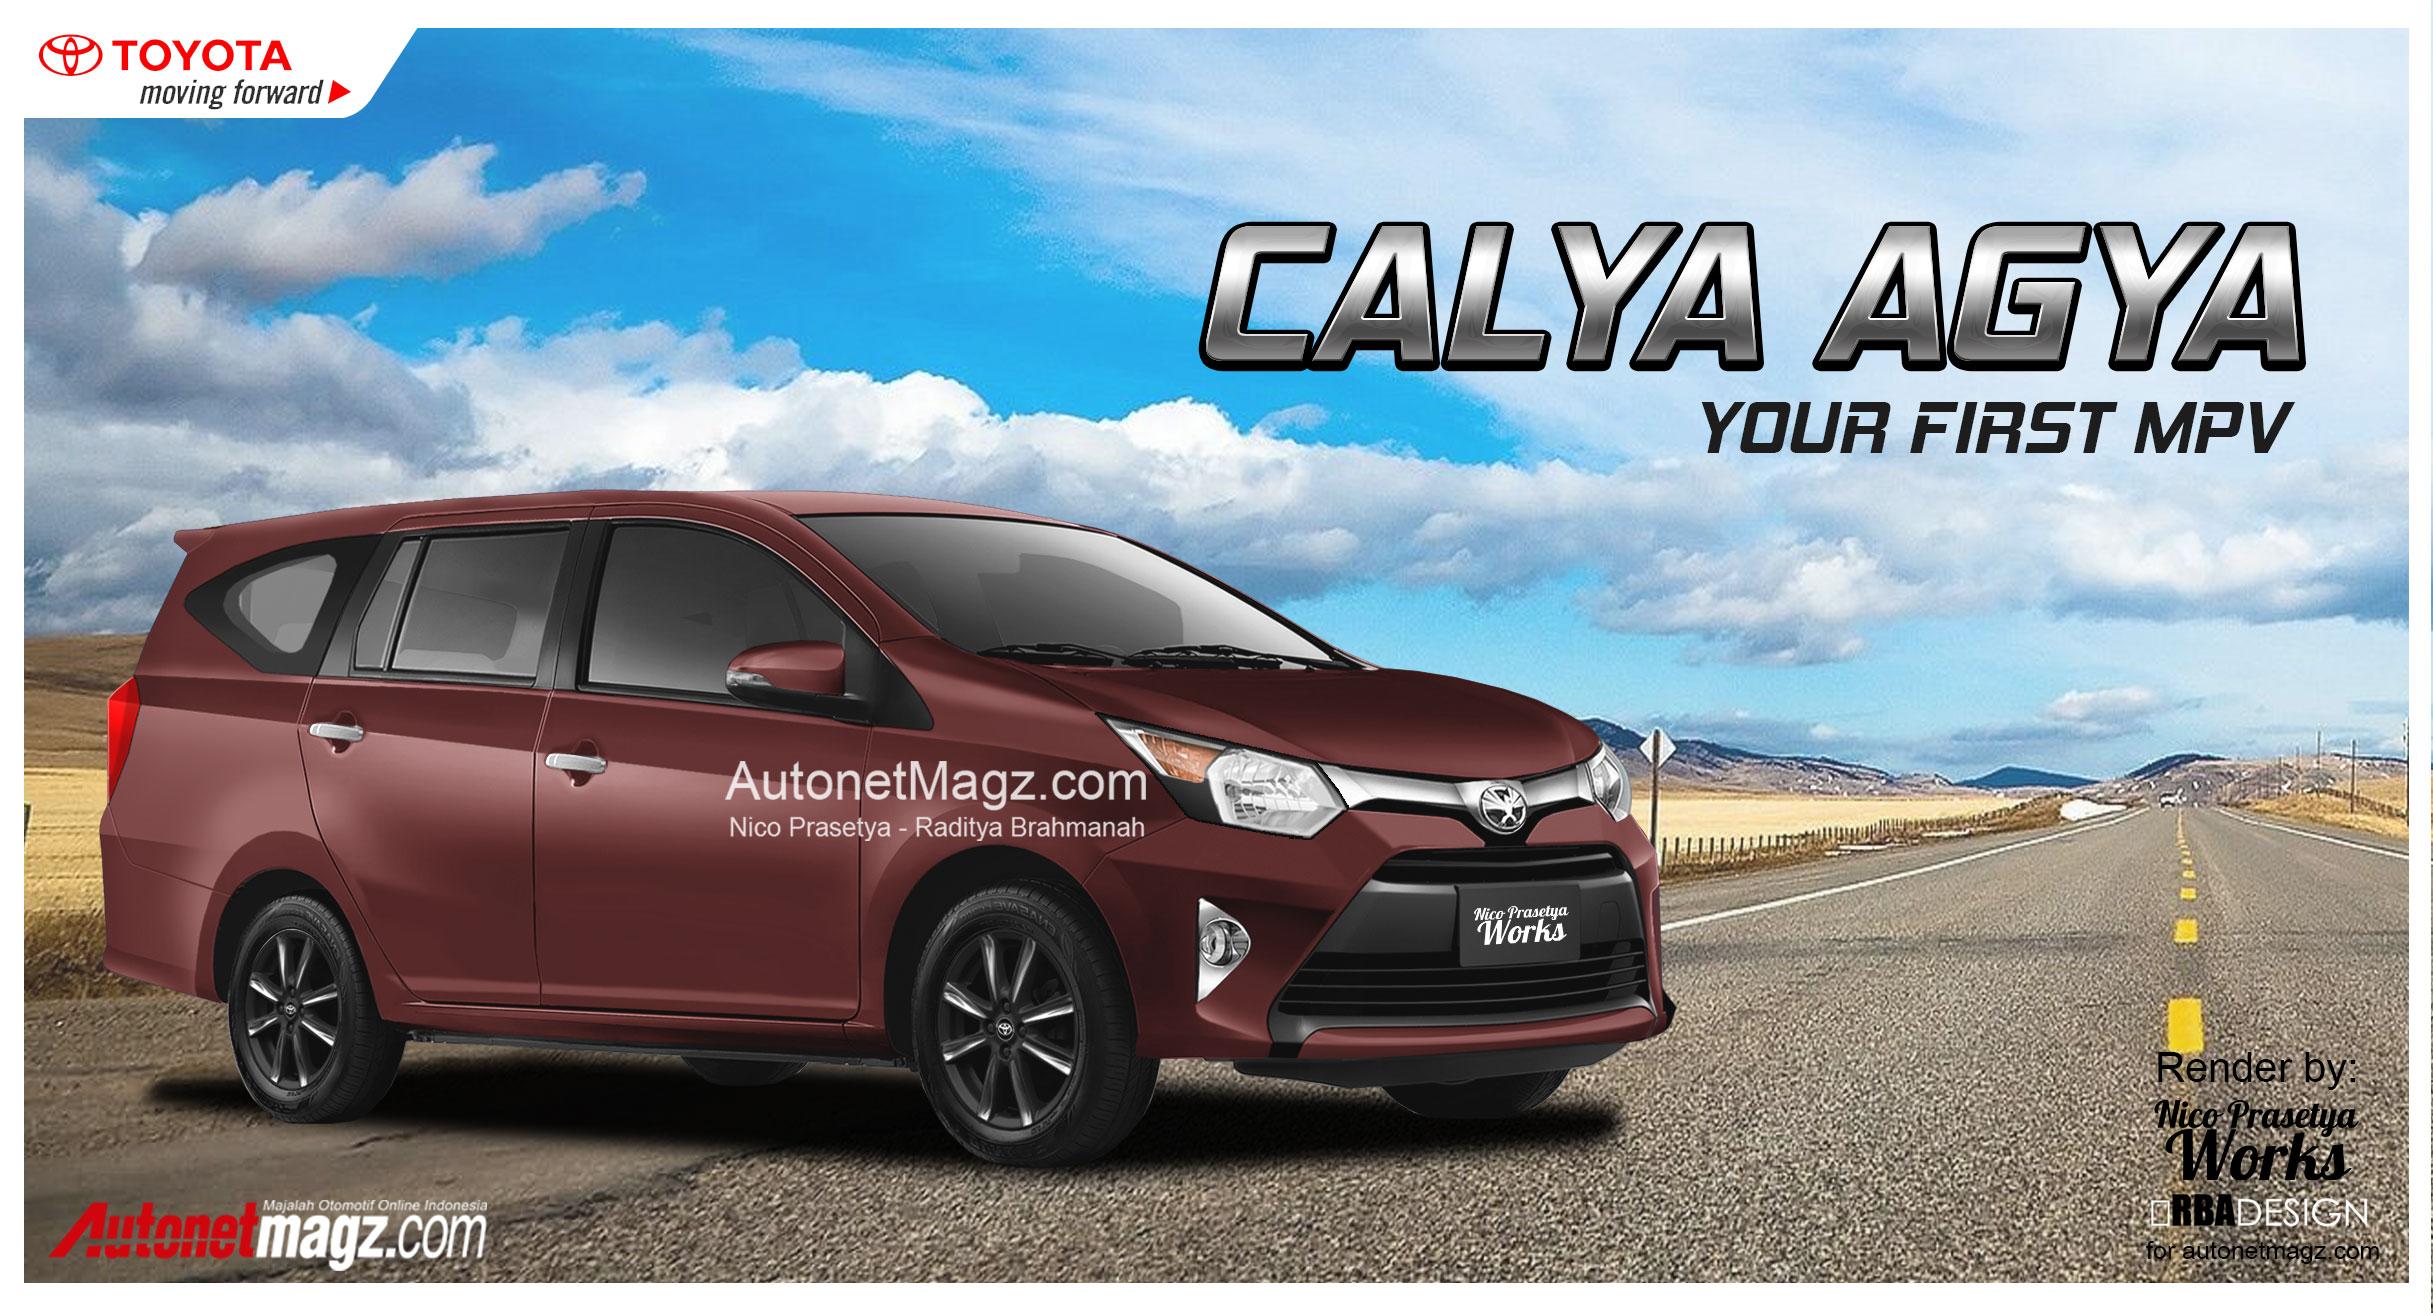 Kelebihan Kekurangan Harga Toyota Calya 2019 Perbandingan Harga